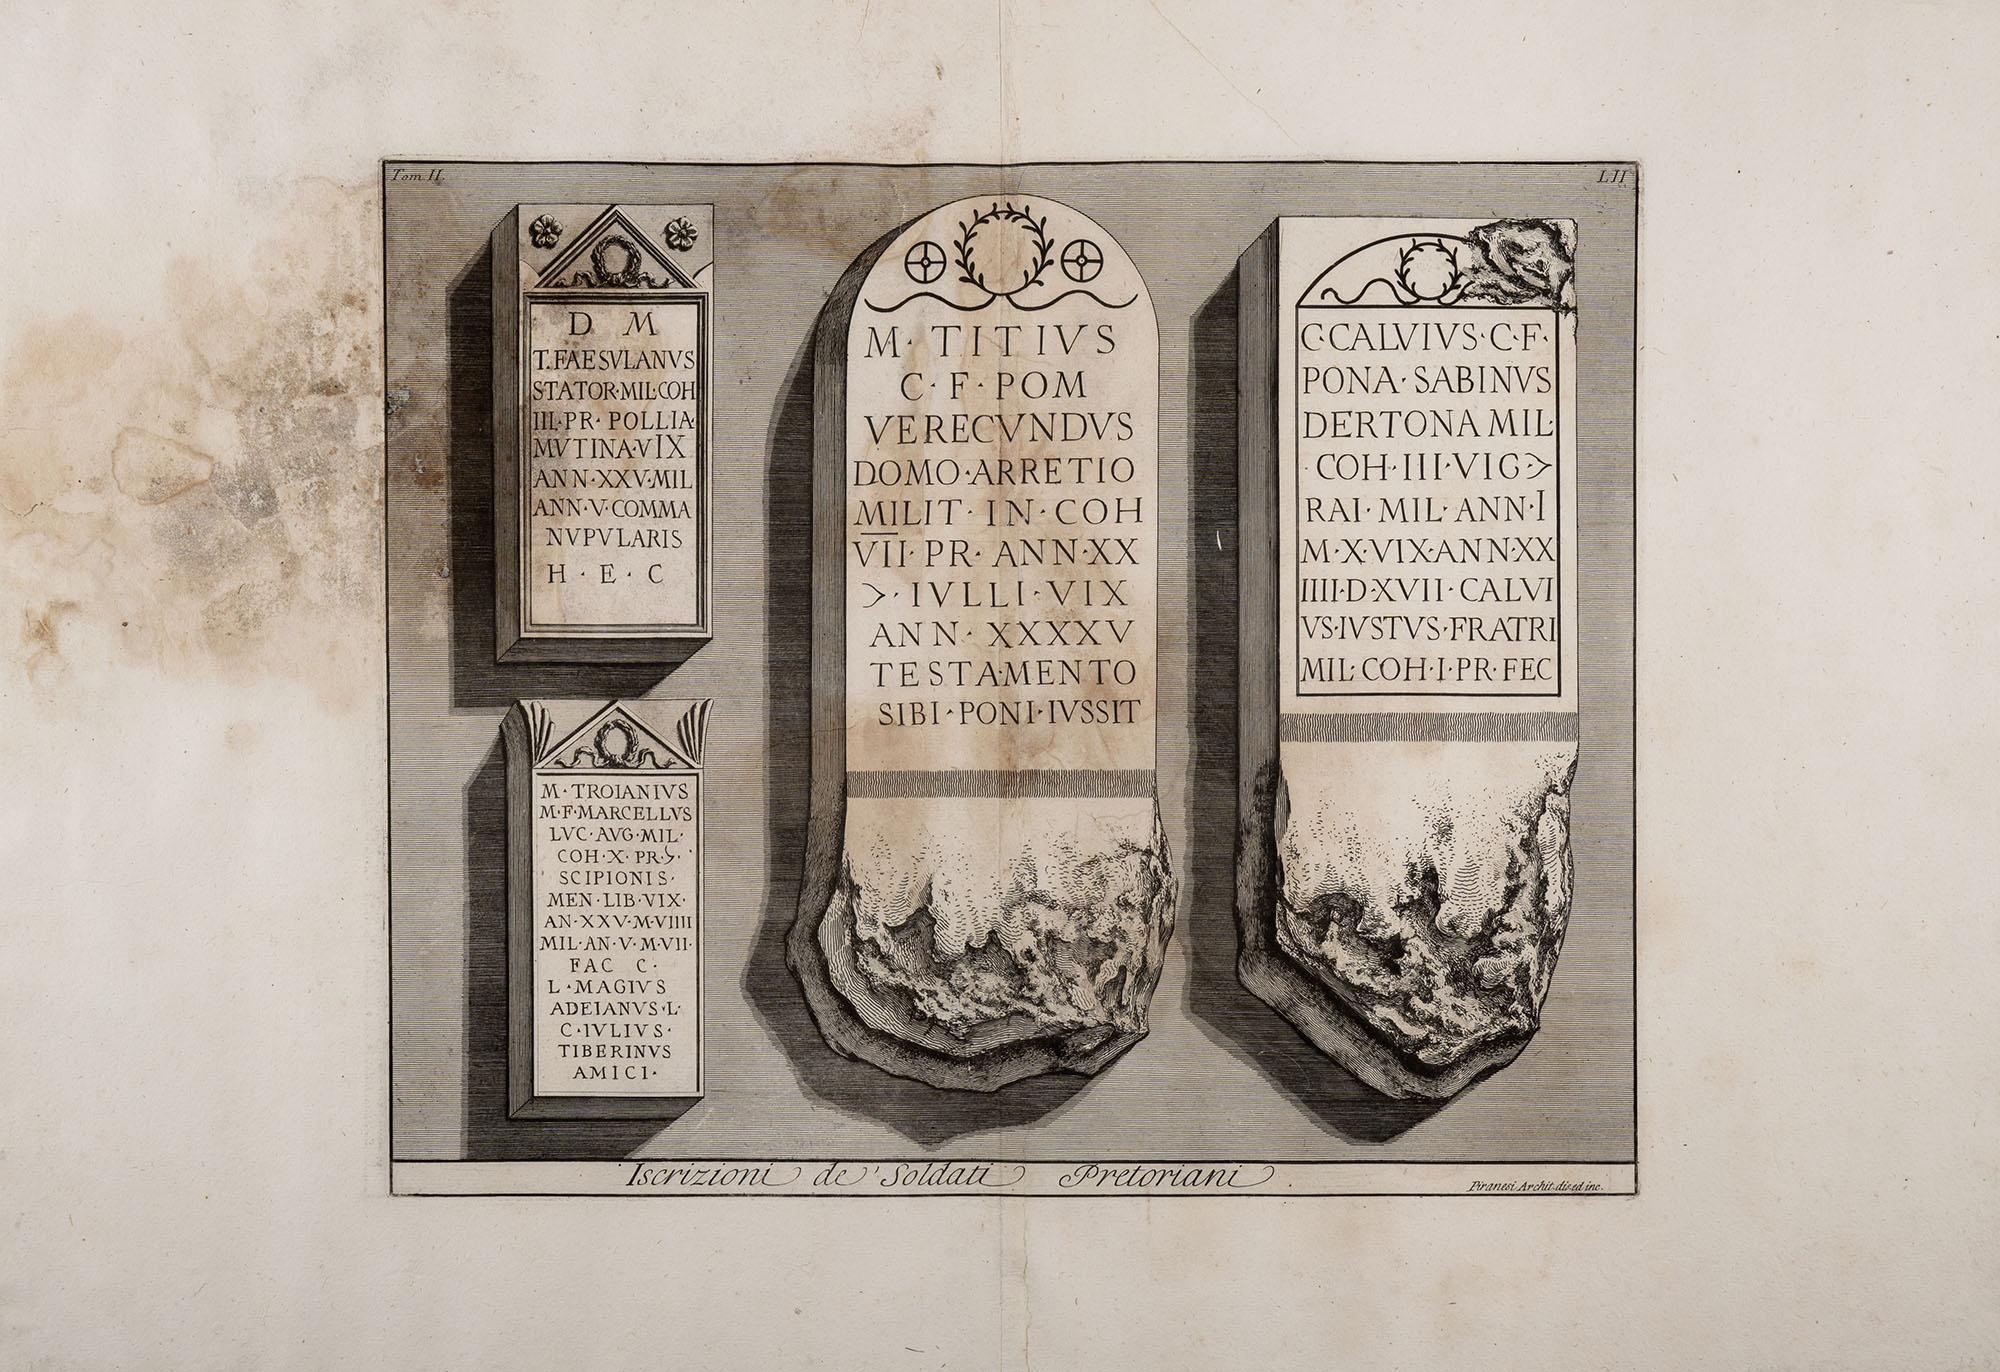 18. Iscrizioni de' Soldati Pretoriani